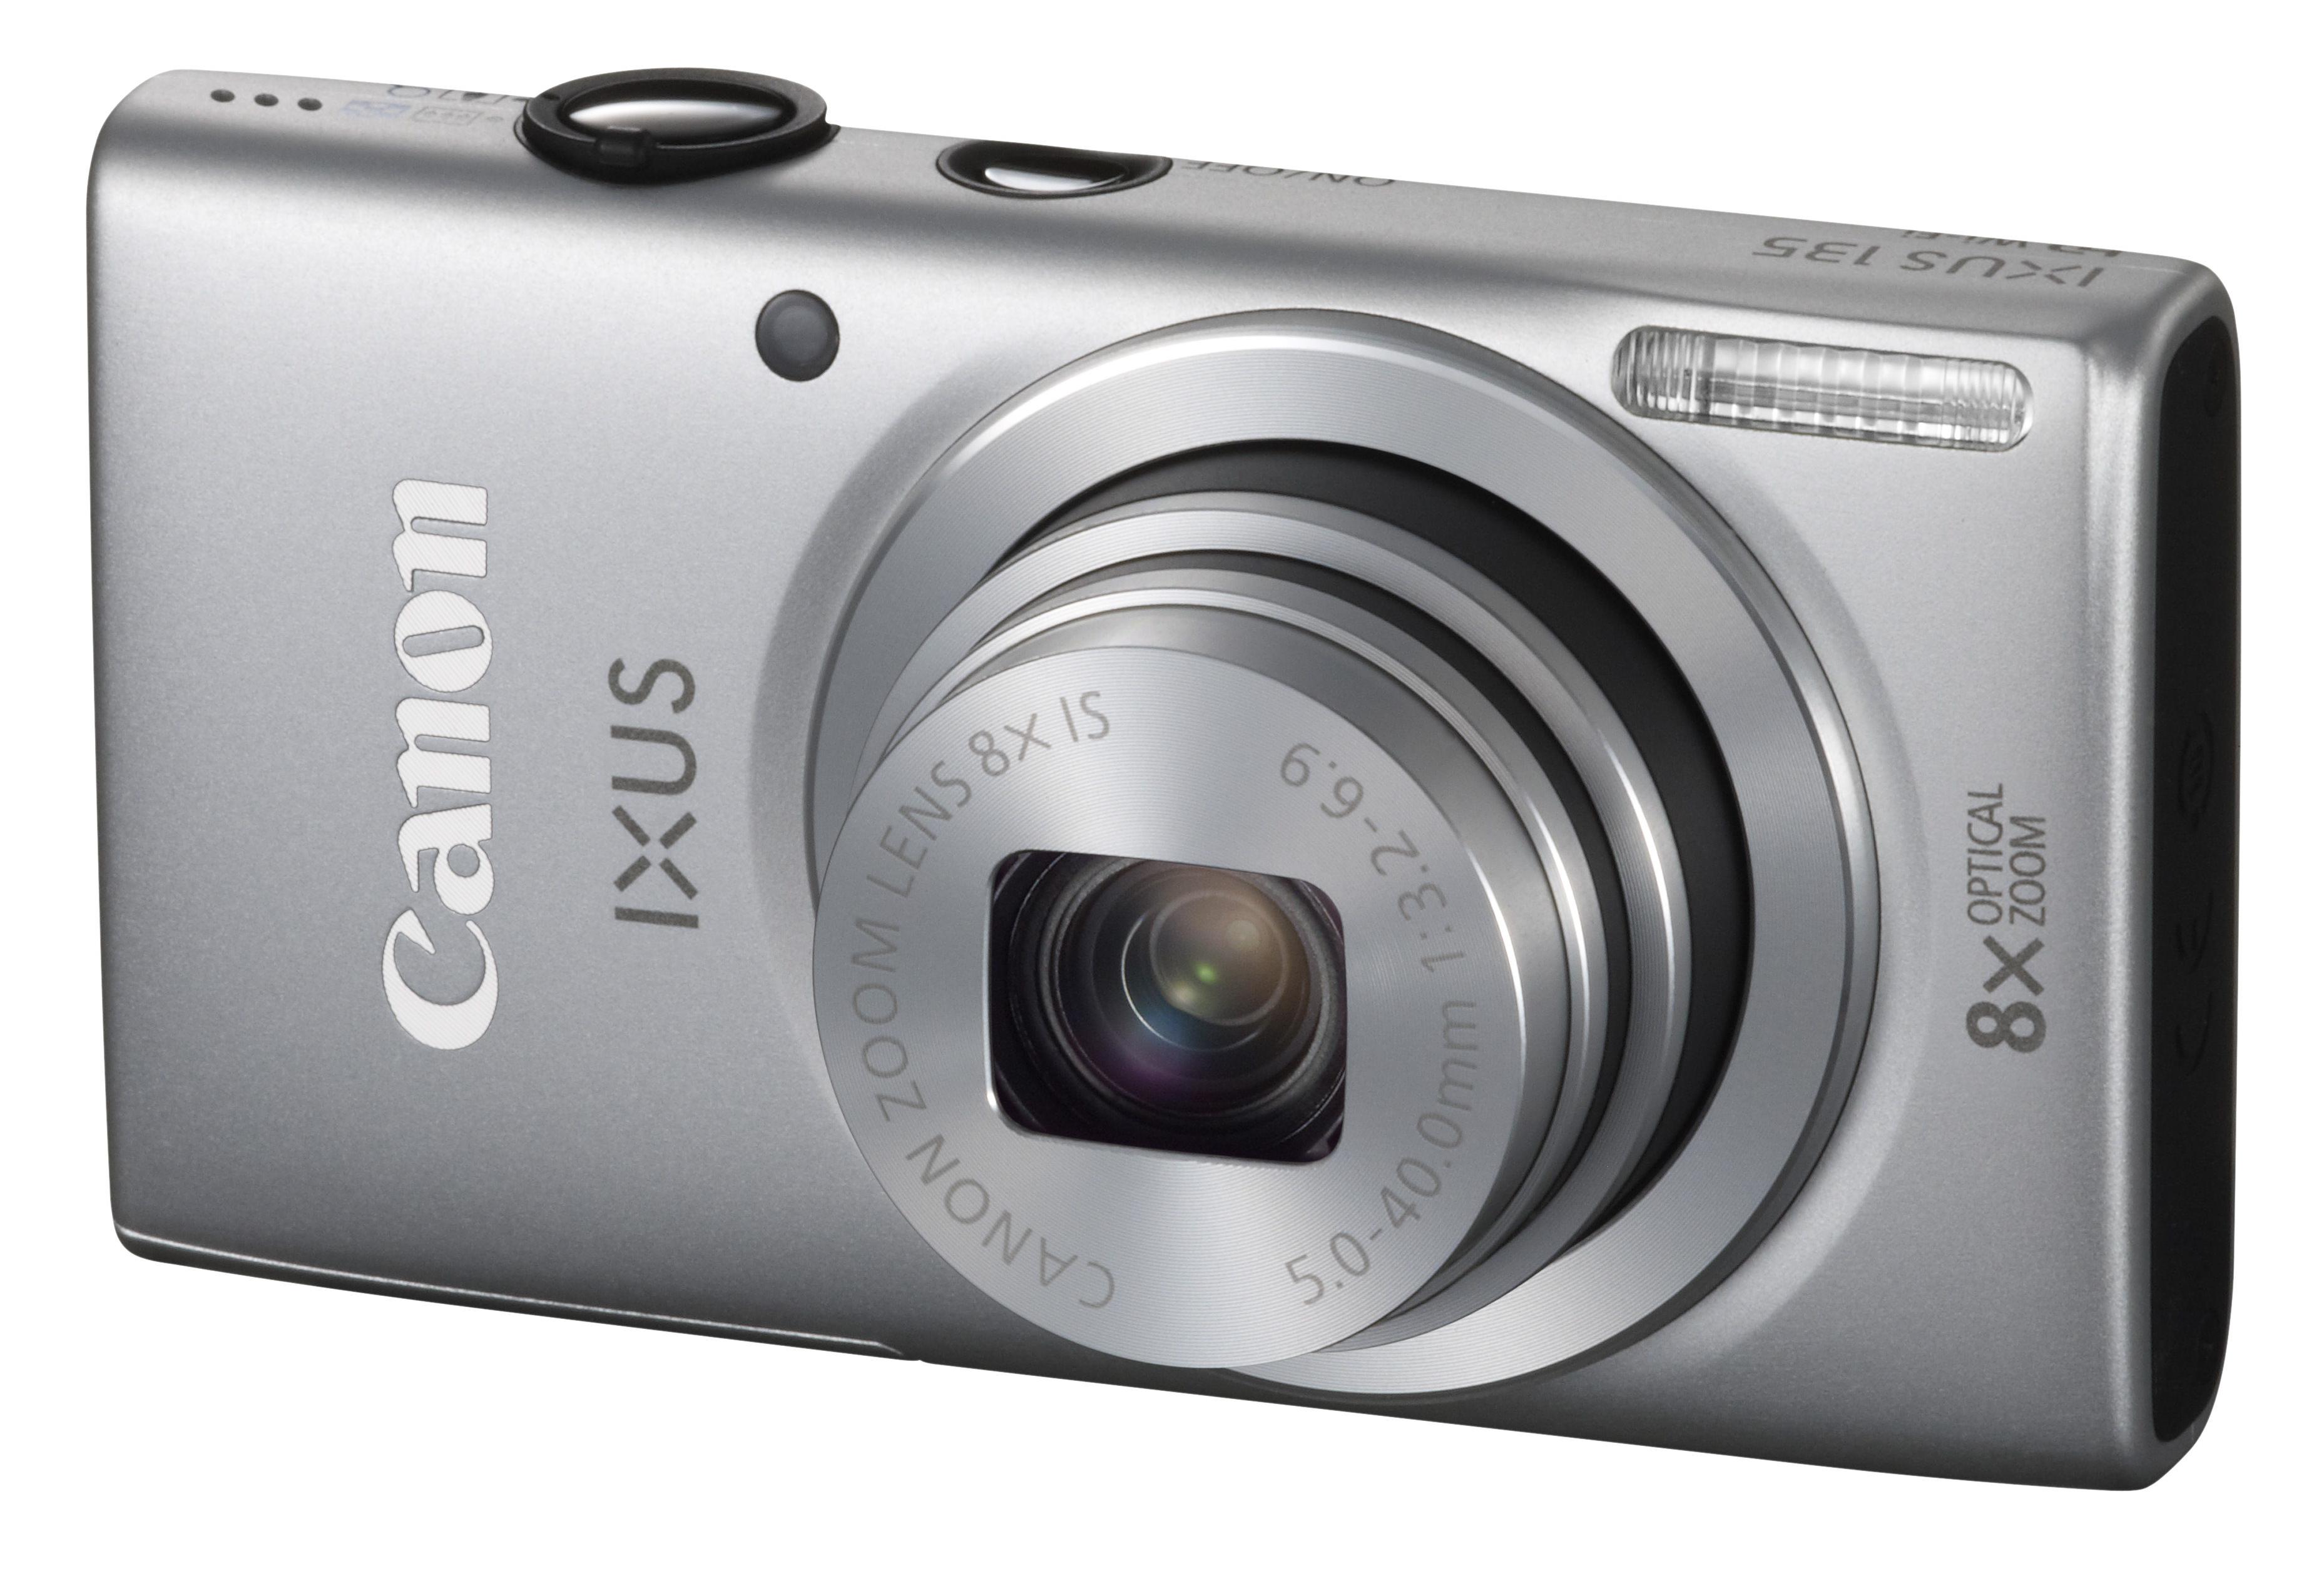 Canon IXUS 255 HS, IXUS 135, IXUS 132 And PowerShot A2500.